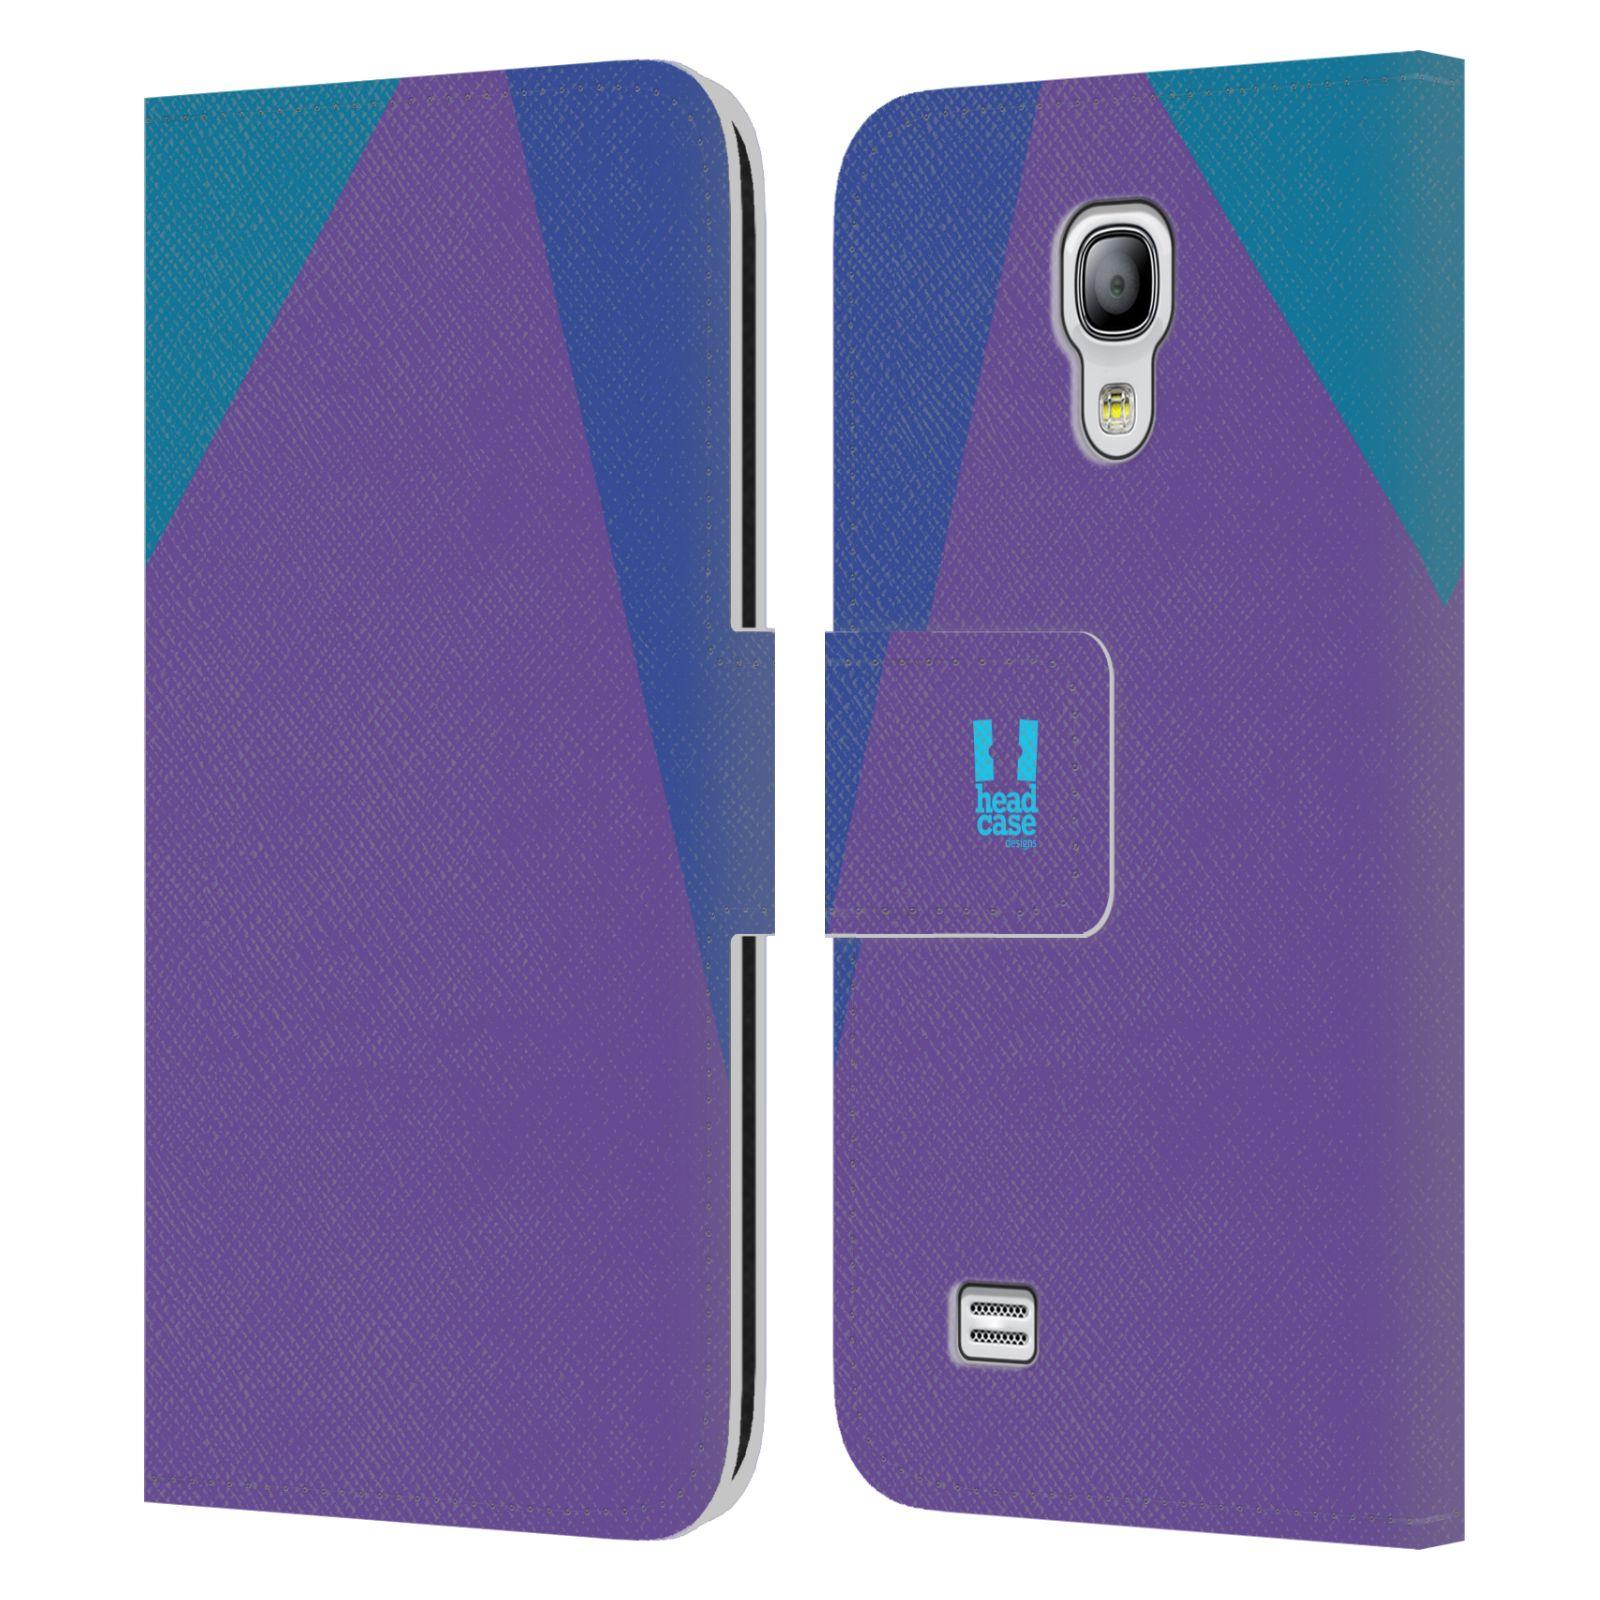 HEAD CASE Flipové pouzdro pro mobil Samsung Galaxy S4 MINI barevné tvary fialová feminine